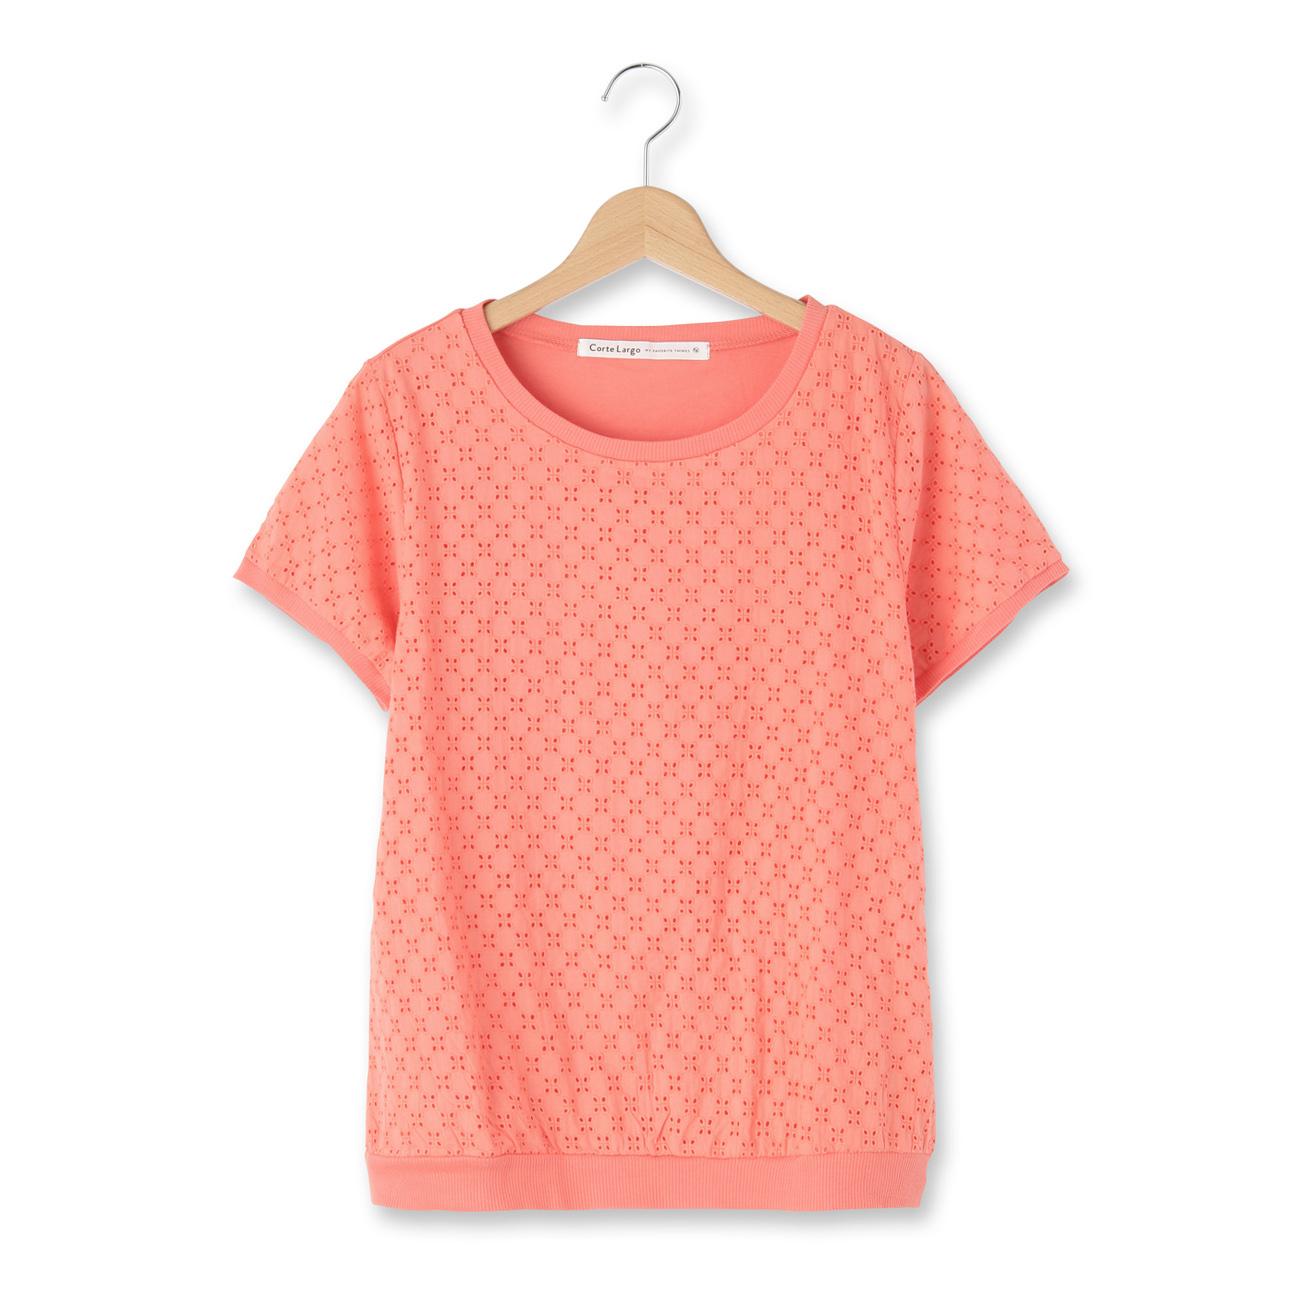 【CorteLargo (コルテラルゴ)】刺繍レースプルオーバーレディース トップス|カットソー・Tシャツ オレンジ